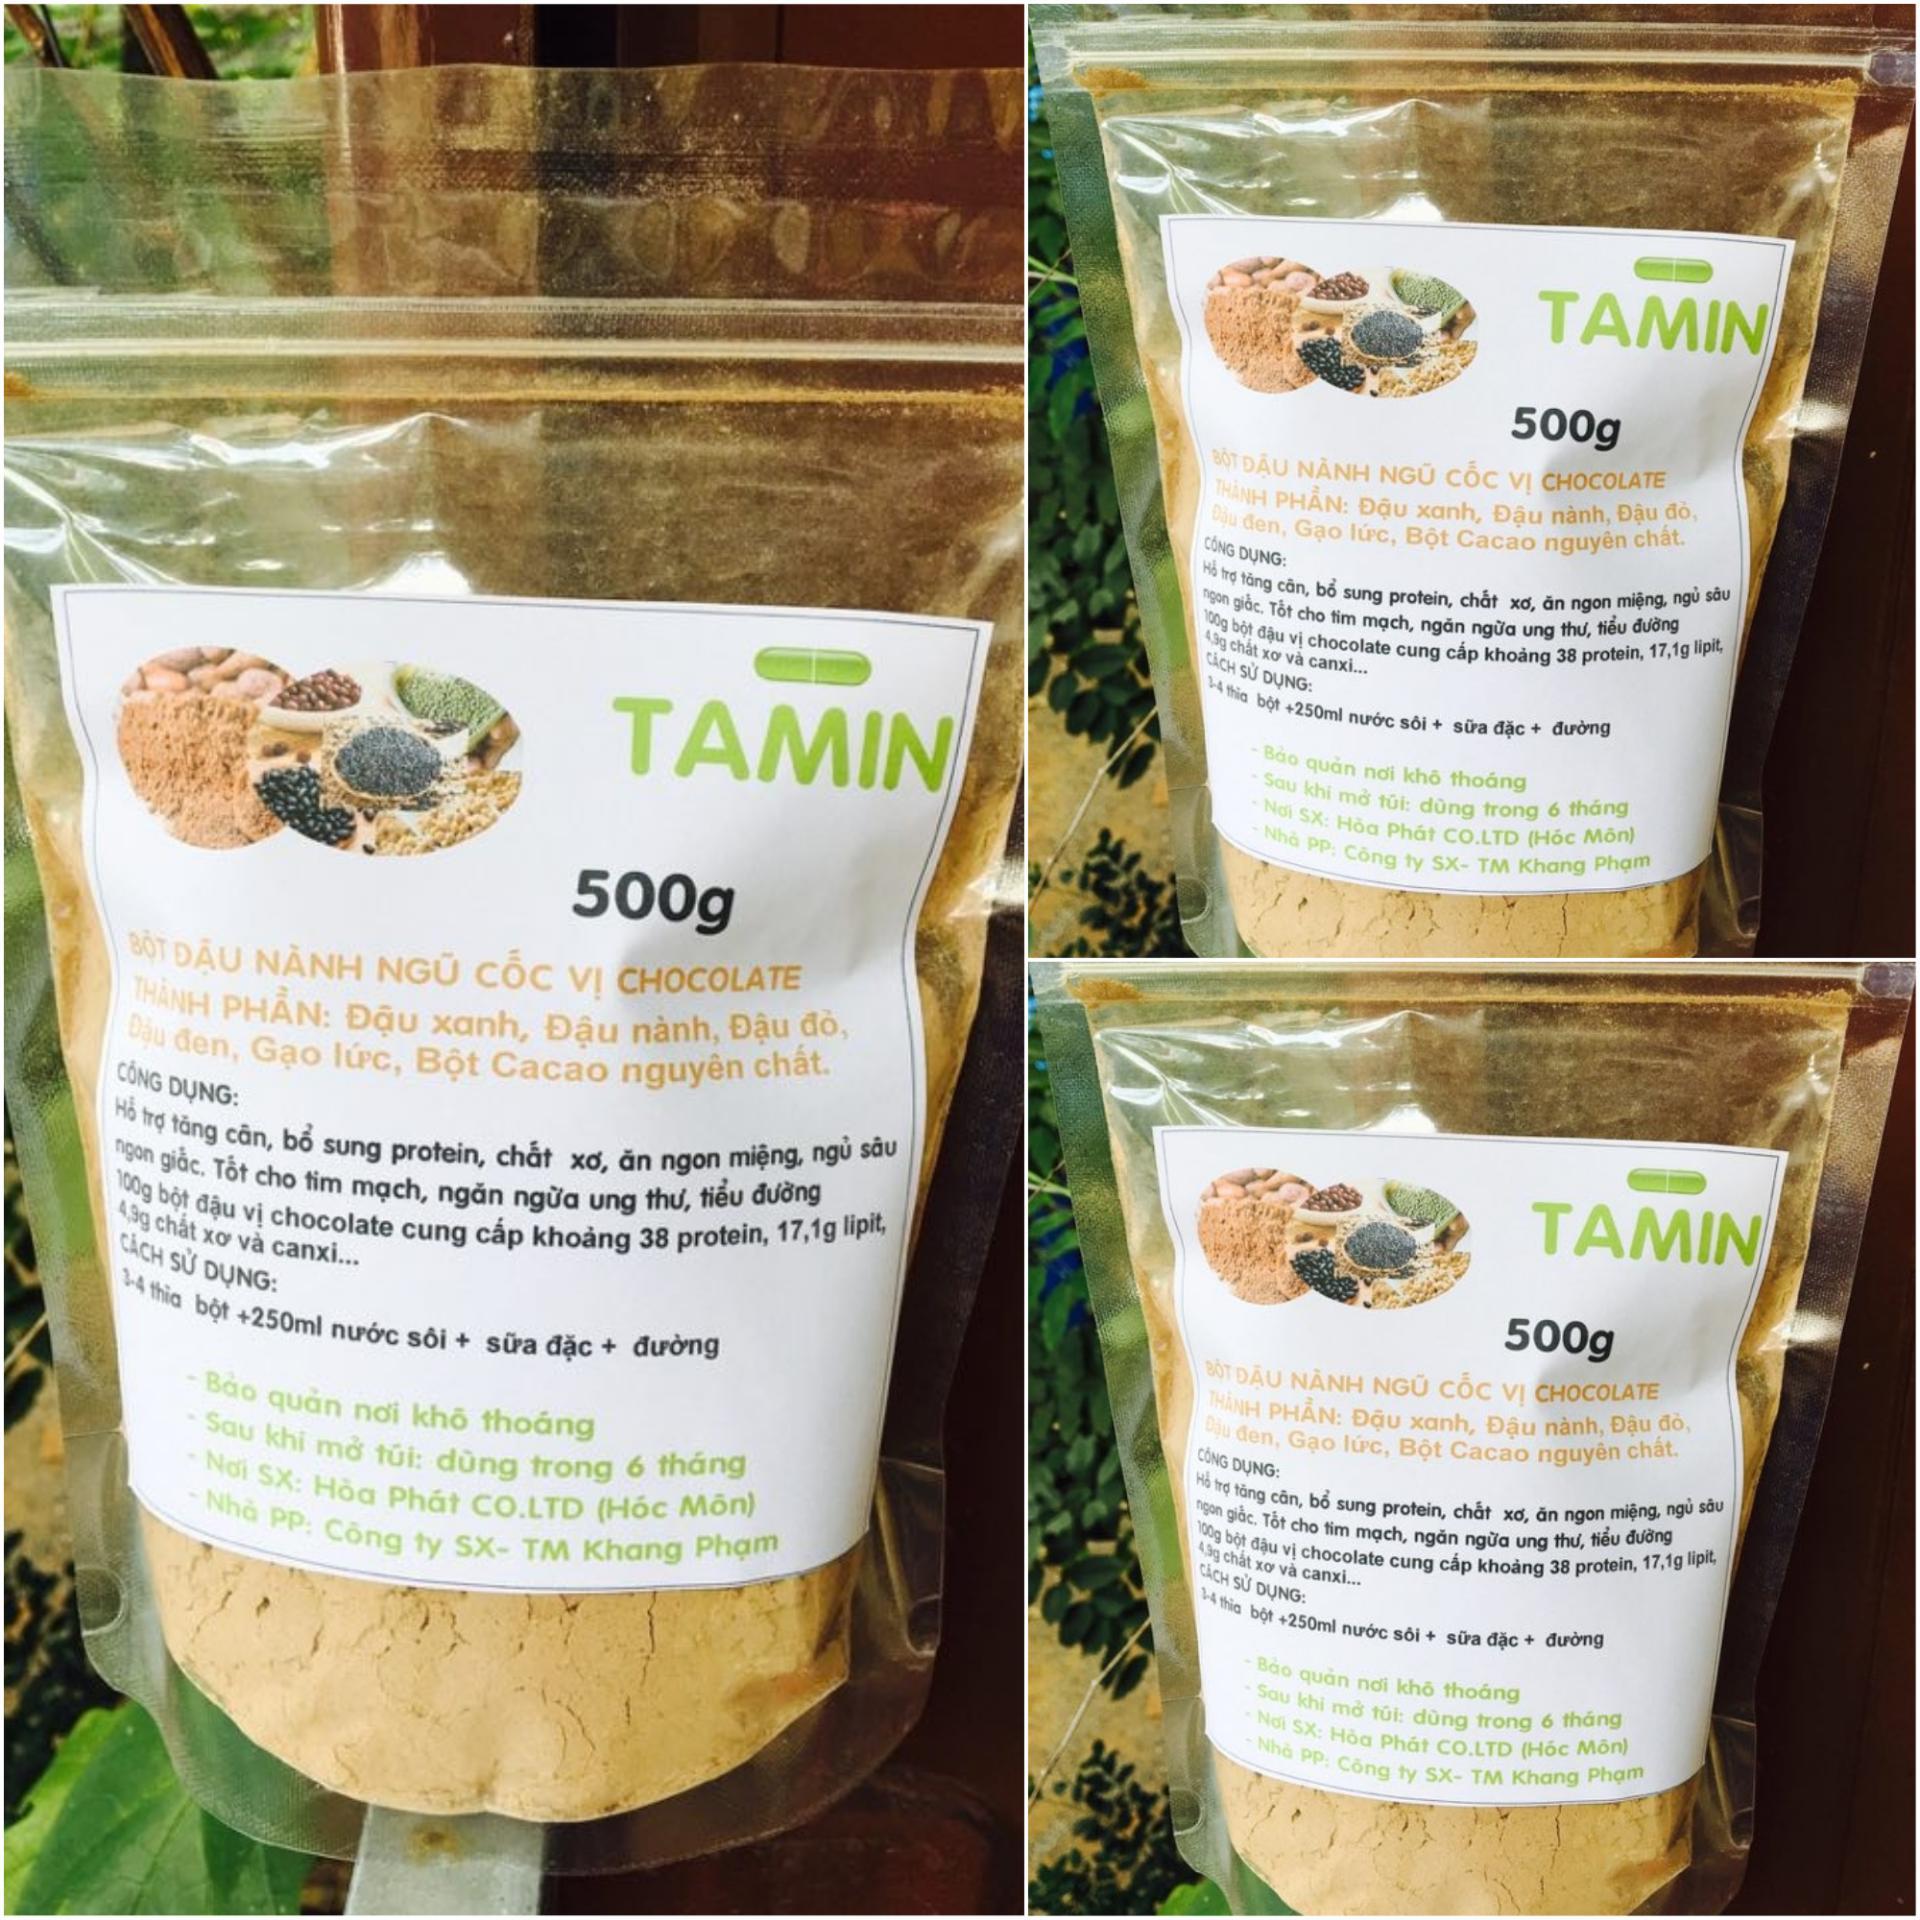 Cách mua Combo 3kg Bột ngũ cốc nguyên chất vị Socola ( 5 loại Bột đậu + bột cacao) TAMIN + TẶNG KÈM MUỖNG MÚC BỘT ĐẬU